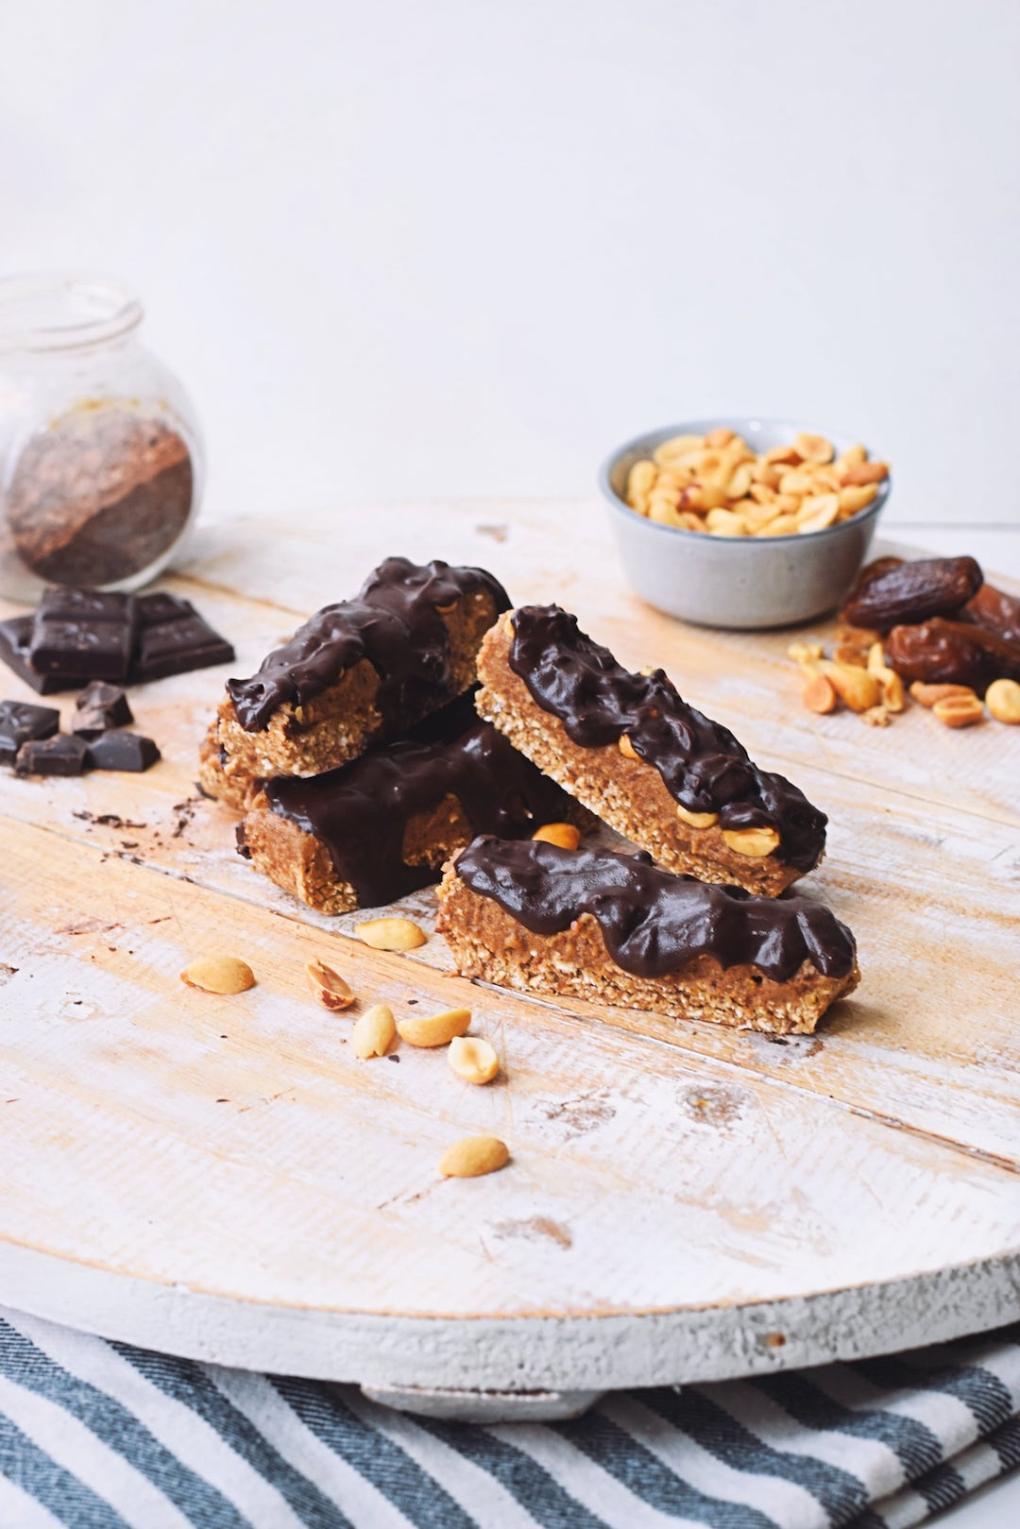 Eiwitrijke vegan snickers | Verantwoord snack recept